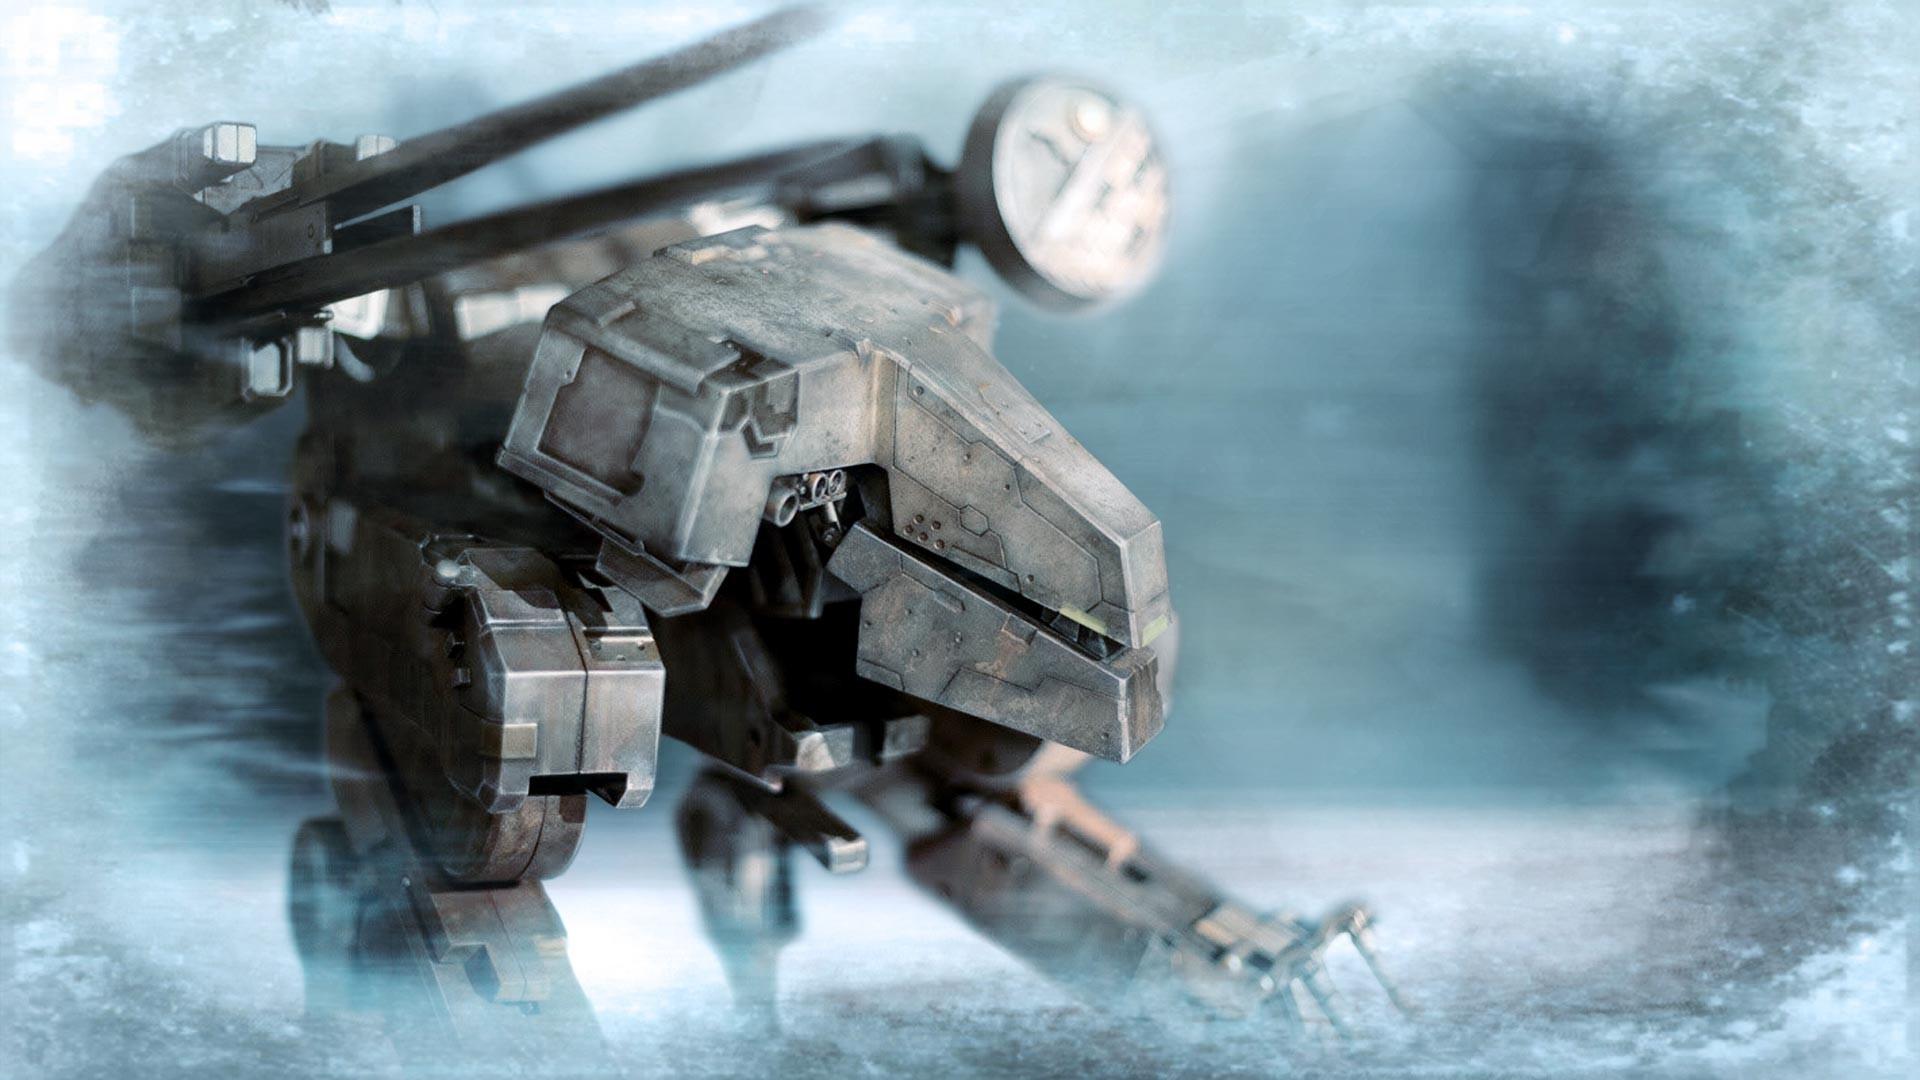 Metal Gear Solid mech mecha d wallpaper | | 112875 | WallpaperUP